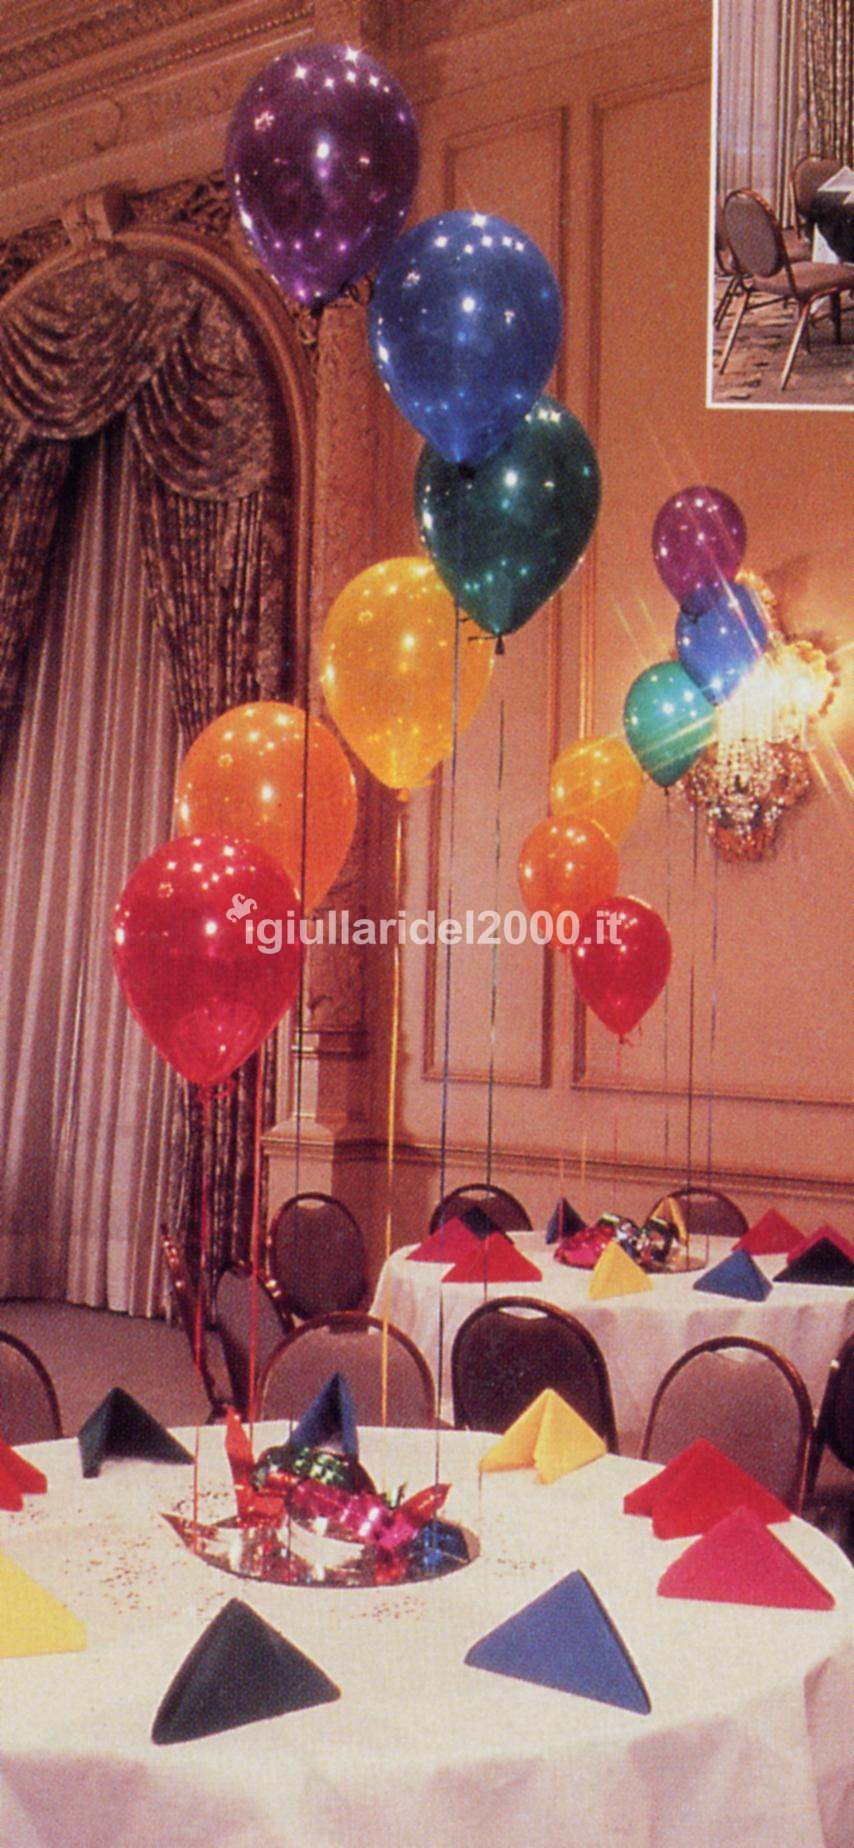 Addobbi con palloncini artisti di strada i giullari del 2000 - Addobbi tavoli per 18 anni ...